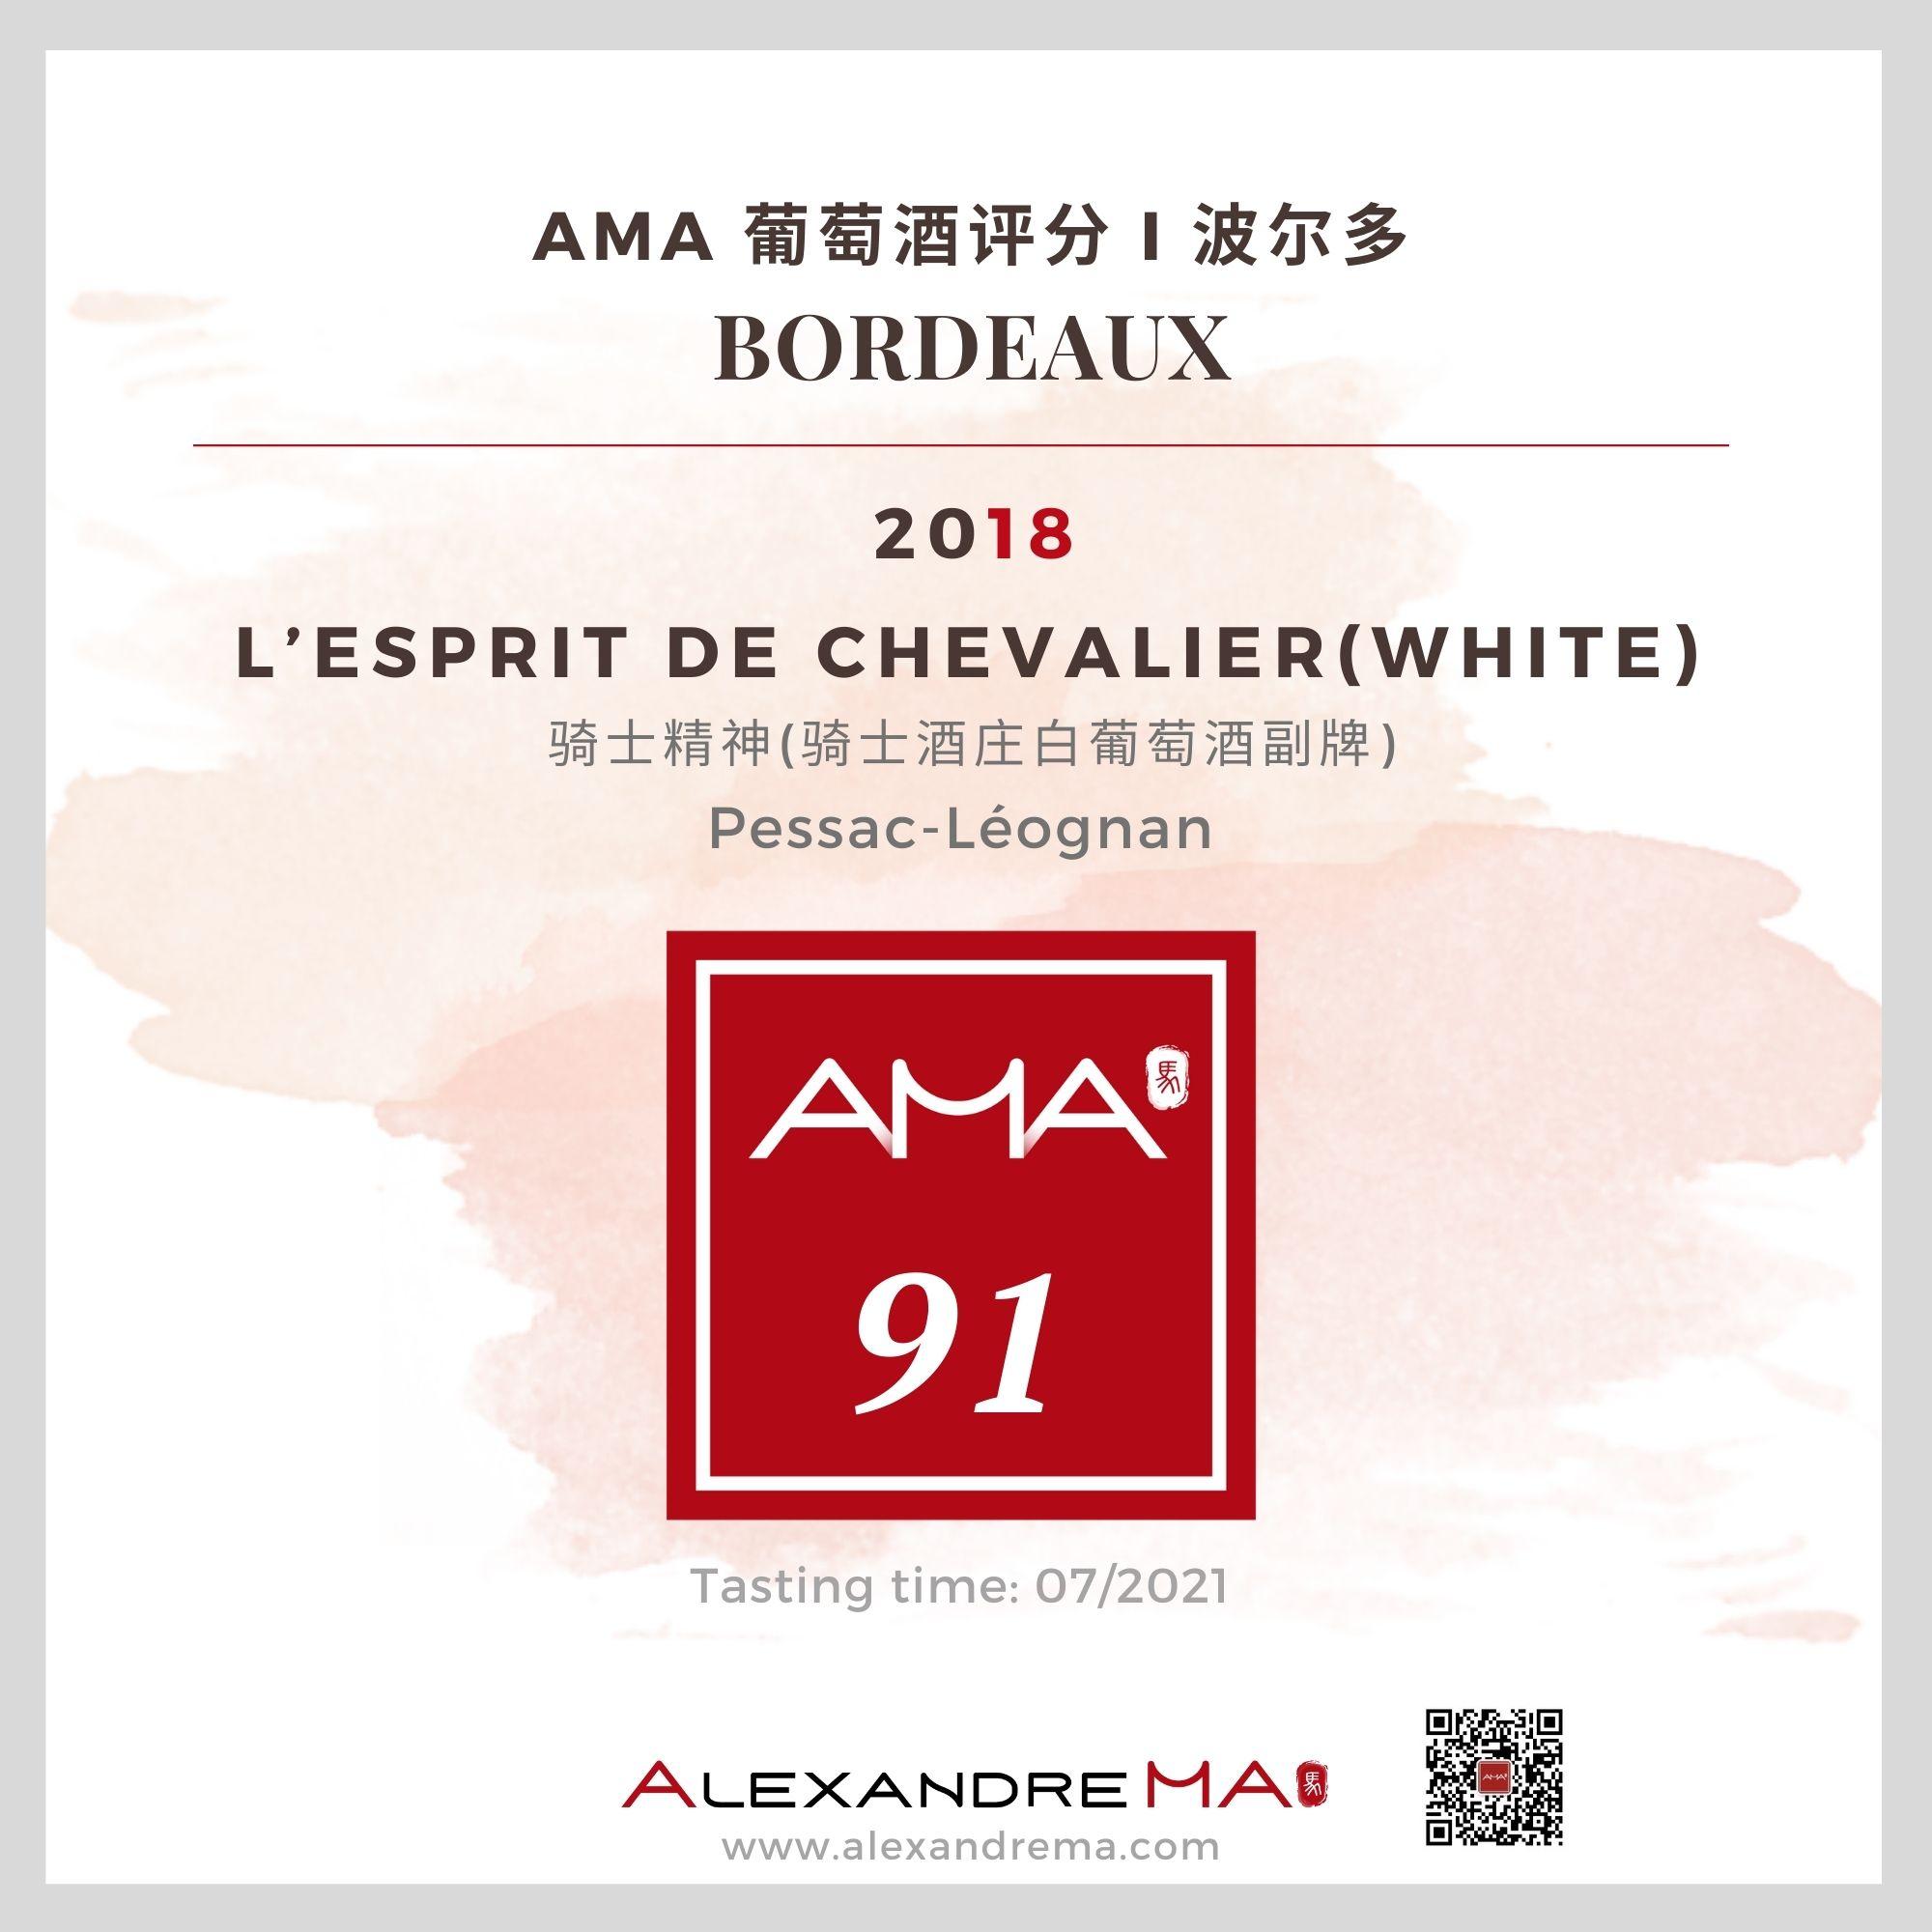 Domaine de Chevalier – L'Esprit de Chevalier White 2018 骑士精神 - Alexandre Ma